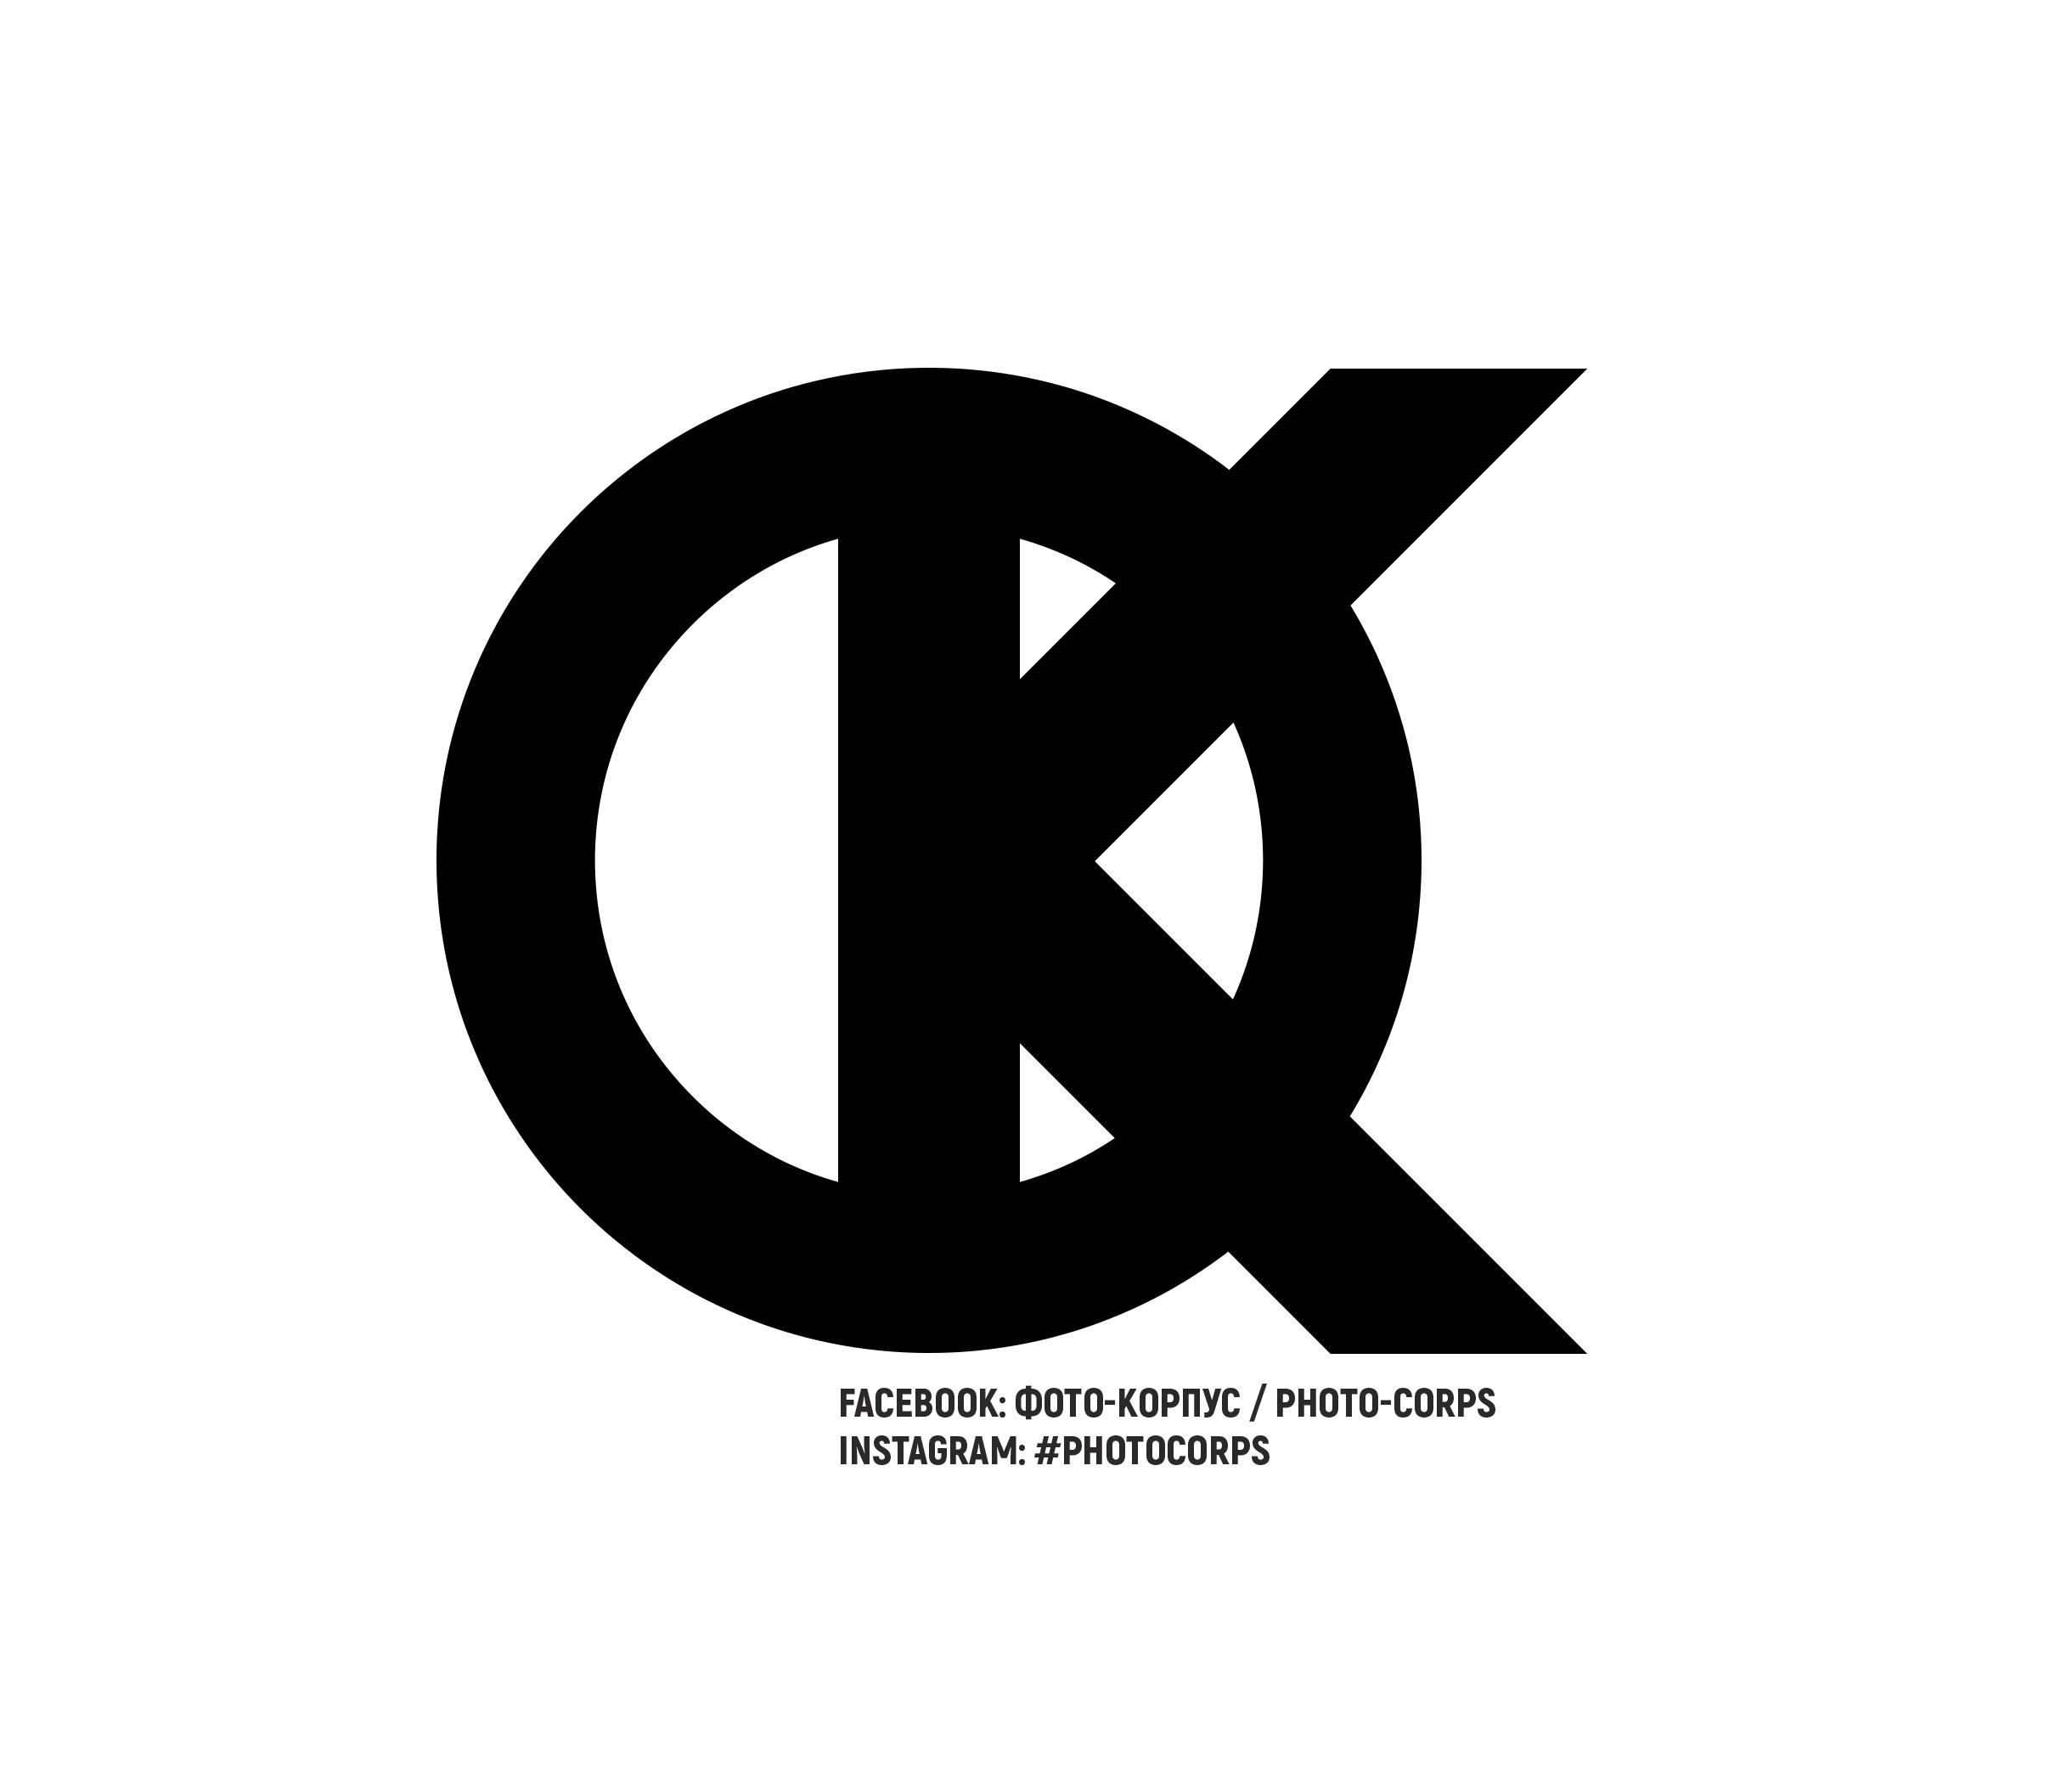 Фото-корпус лого